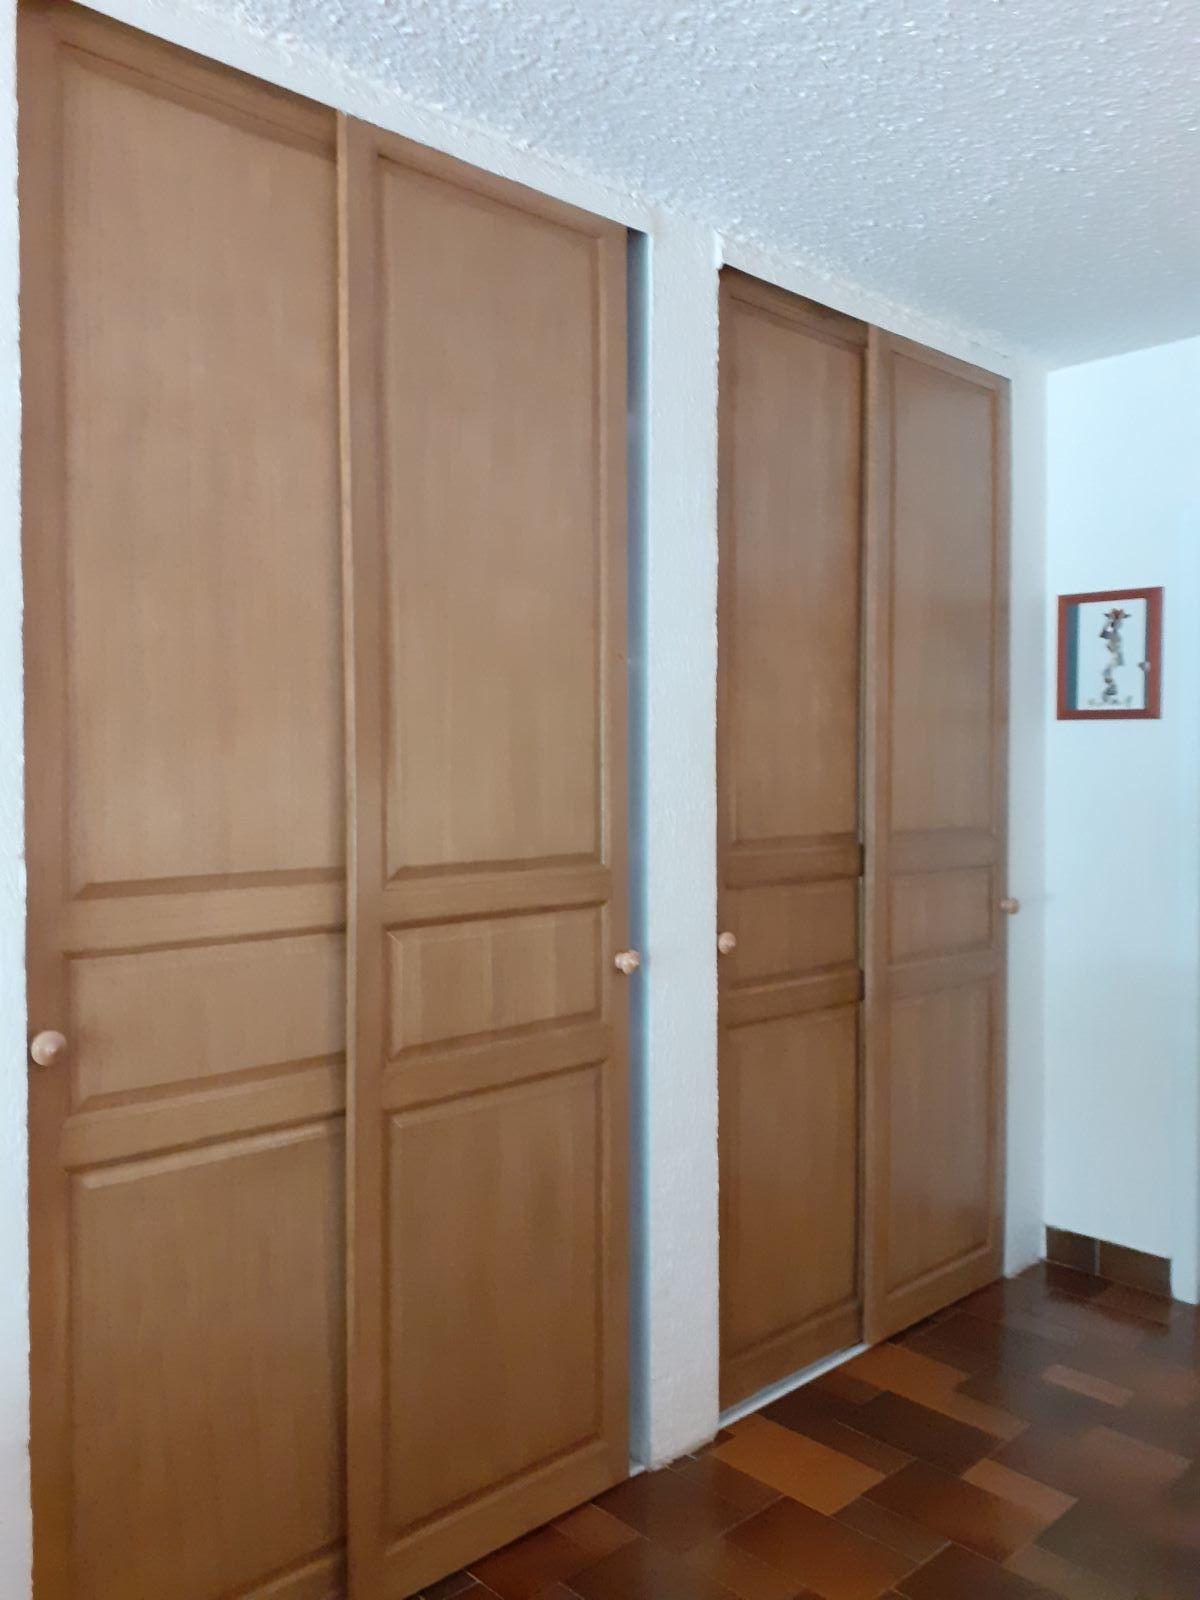 20200722 105649 - ANCELLE STUDIO DE 27 m² (4 COUCHAGES) EN REZ-DE-CHAUSSÉE AVEC UNE TERRASSE DE 16 m²